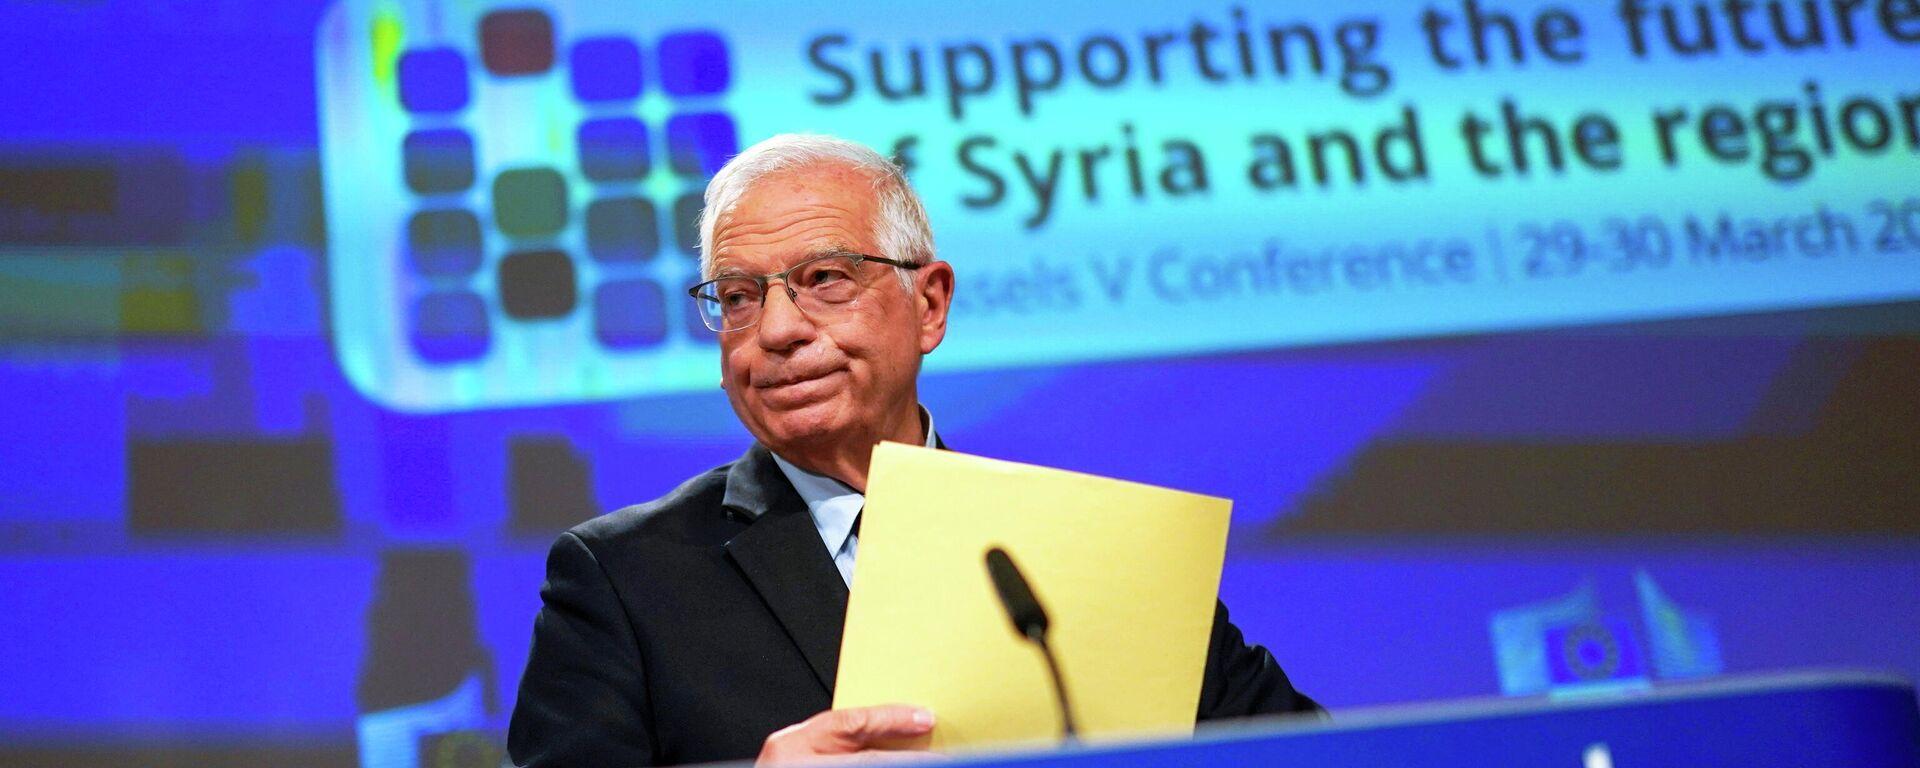 EU-Außenbeauftragter Josep Borrell referiert in der Syrien-Geberkonferenz. Brüssel, 30. März 2021 - SNA, 1920, 31.03.2021